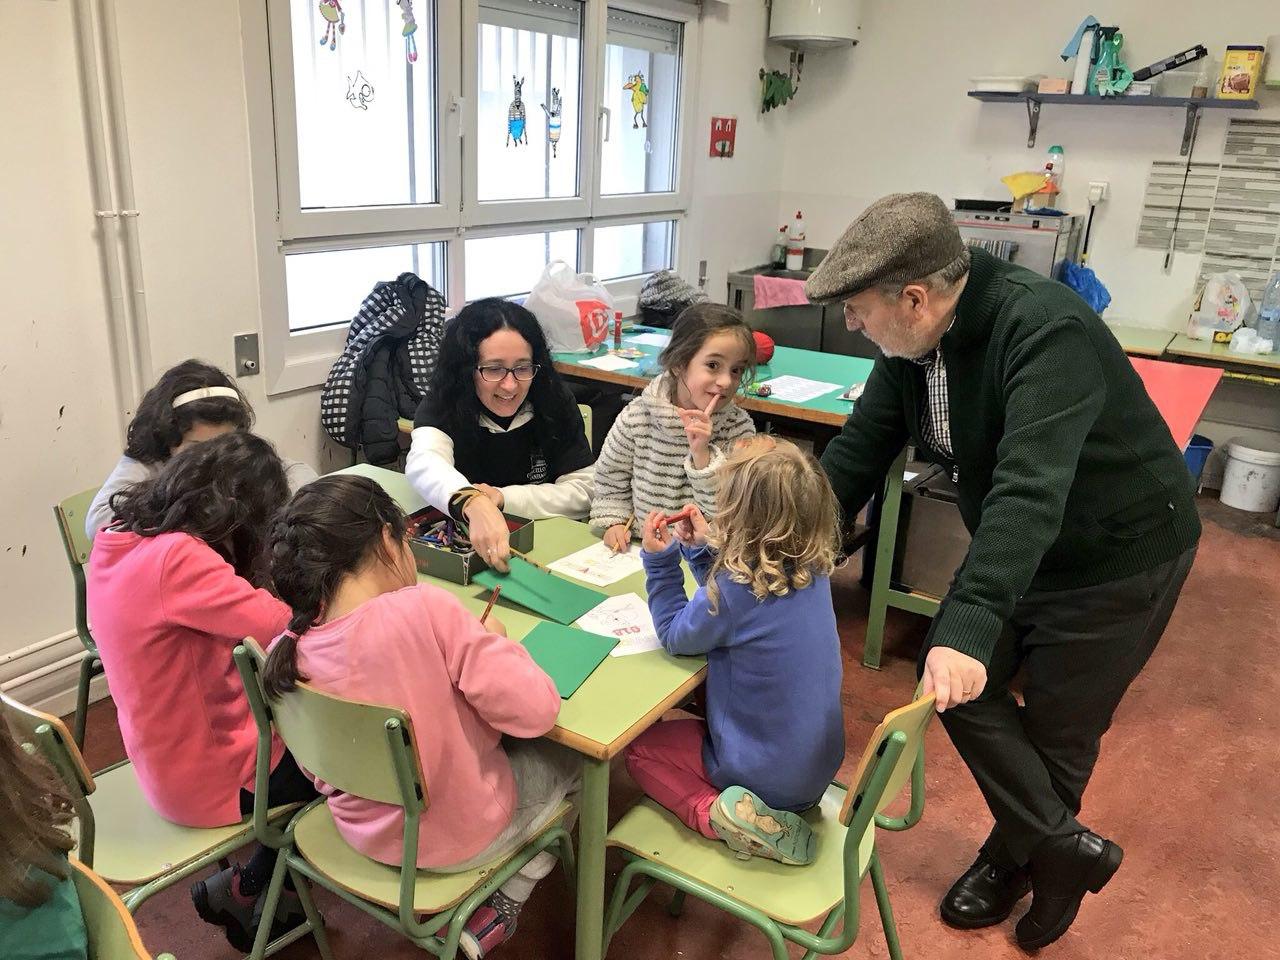 O concelleiro de Educación e Cidadanía, Manuel Dios, visitando unha anterior edición das Escolas de Verán.